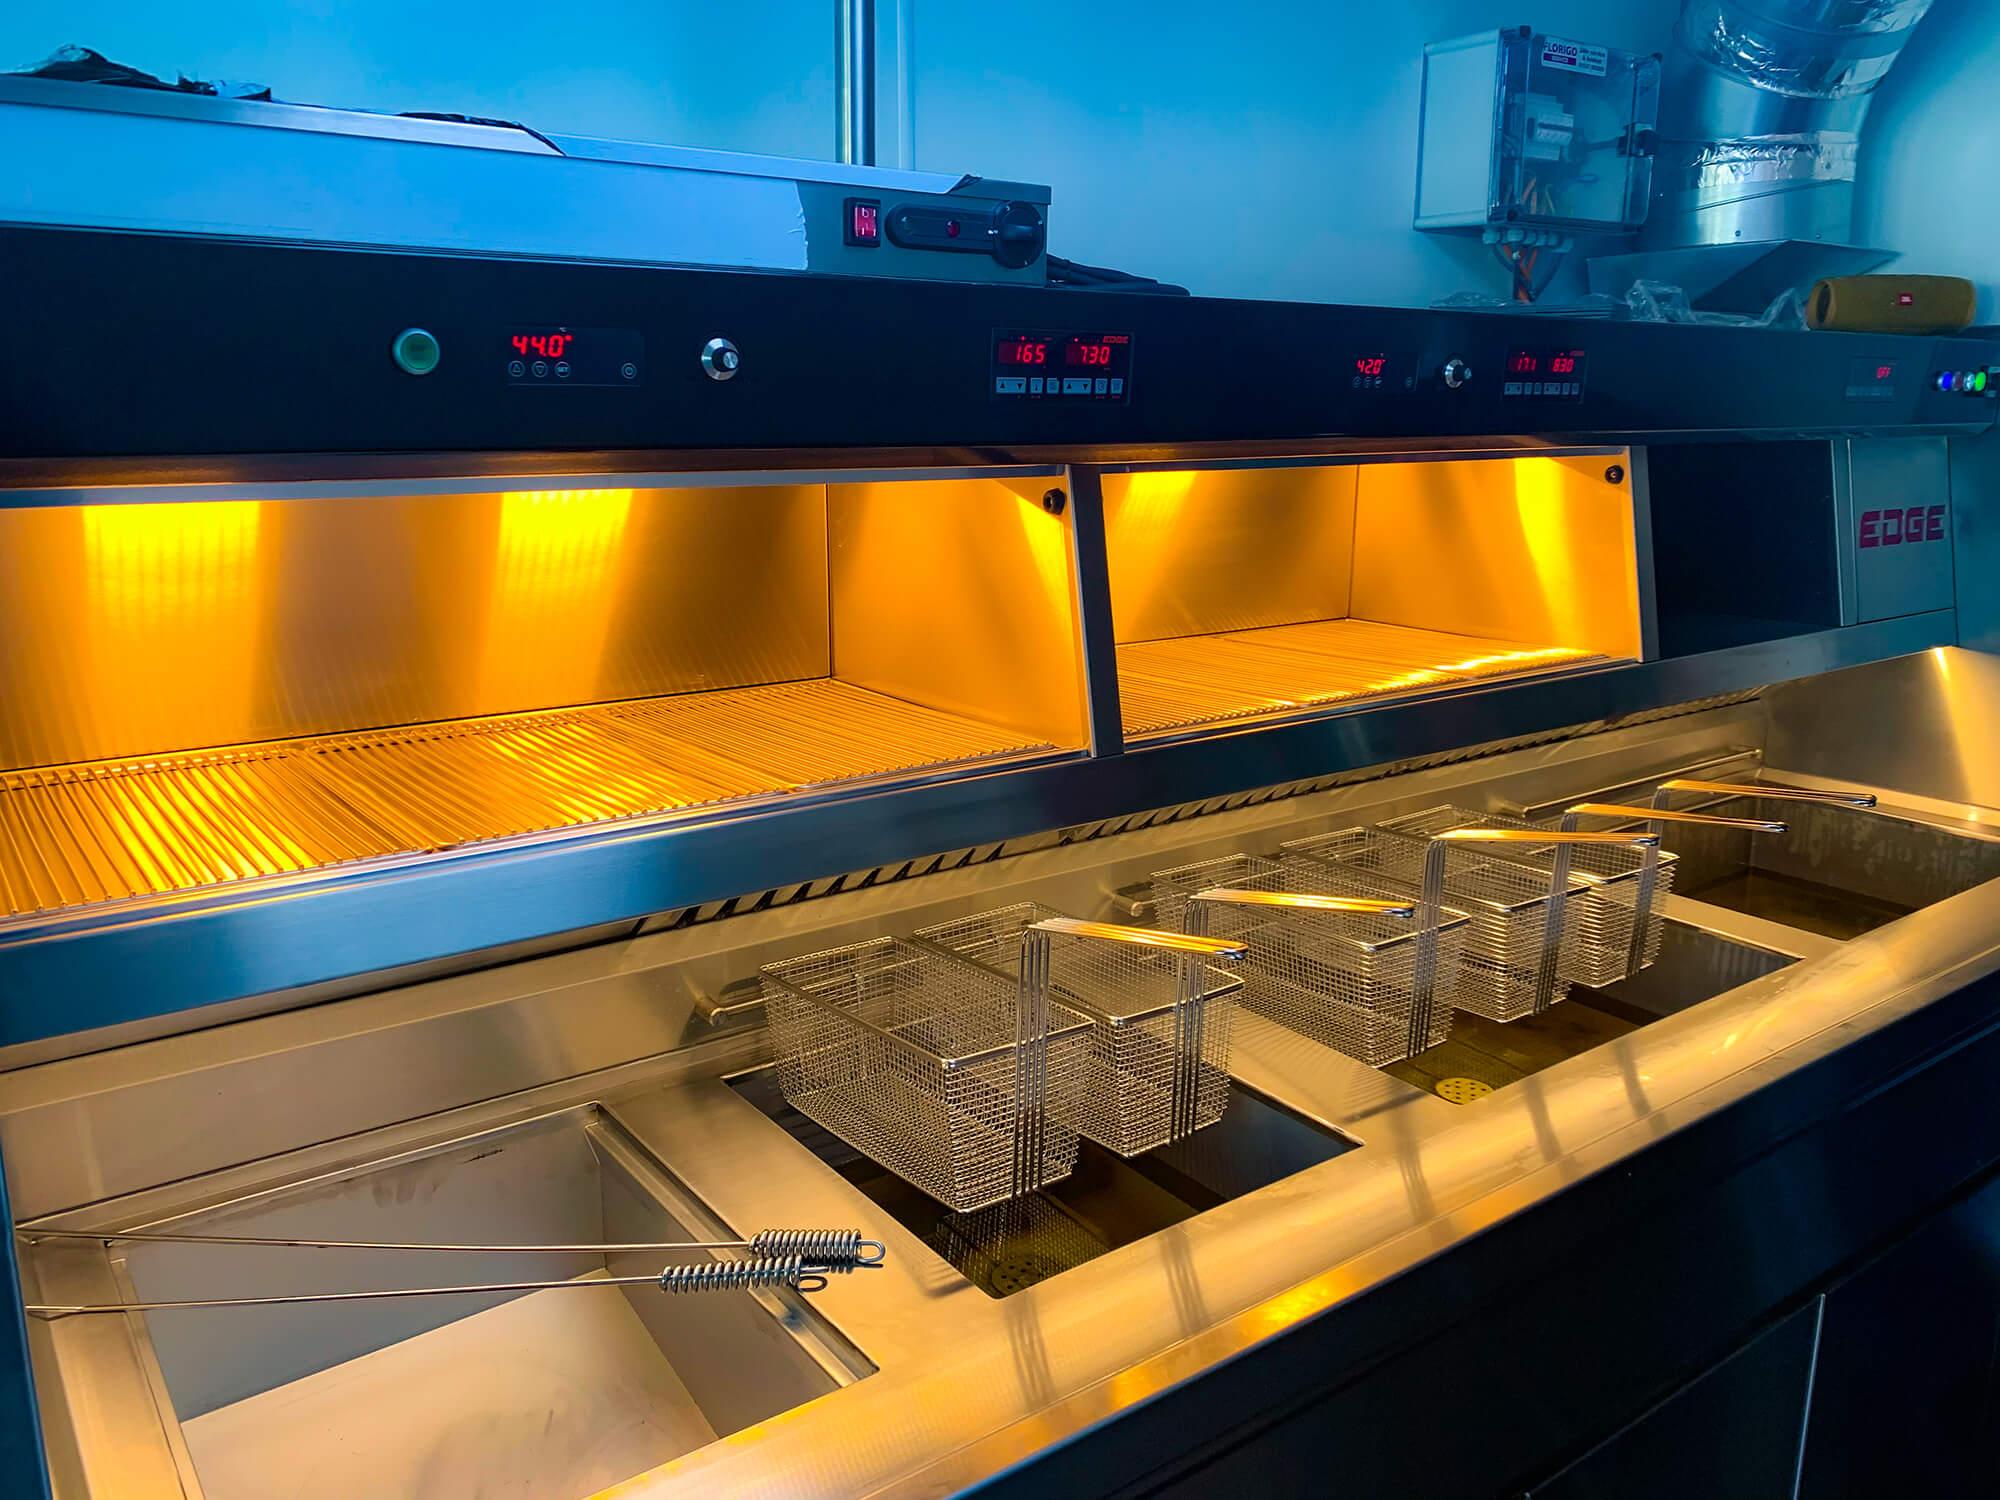 Frying Range - Frying Equipment